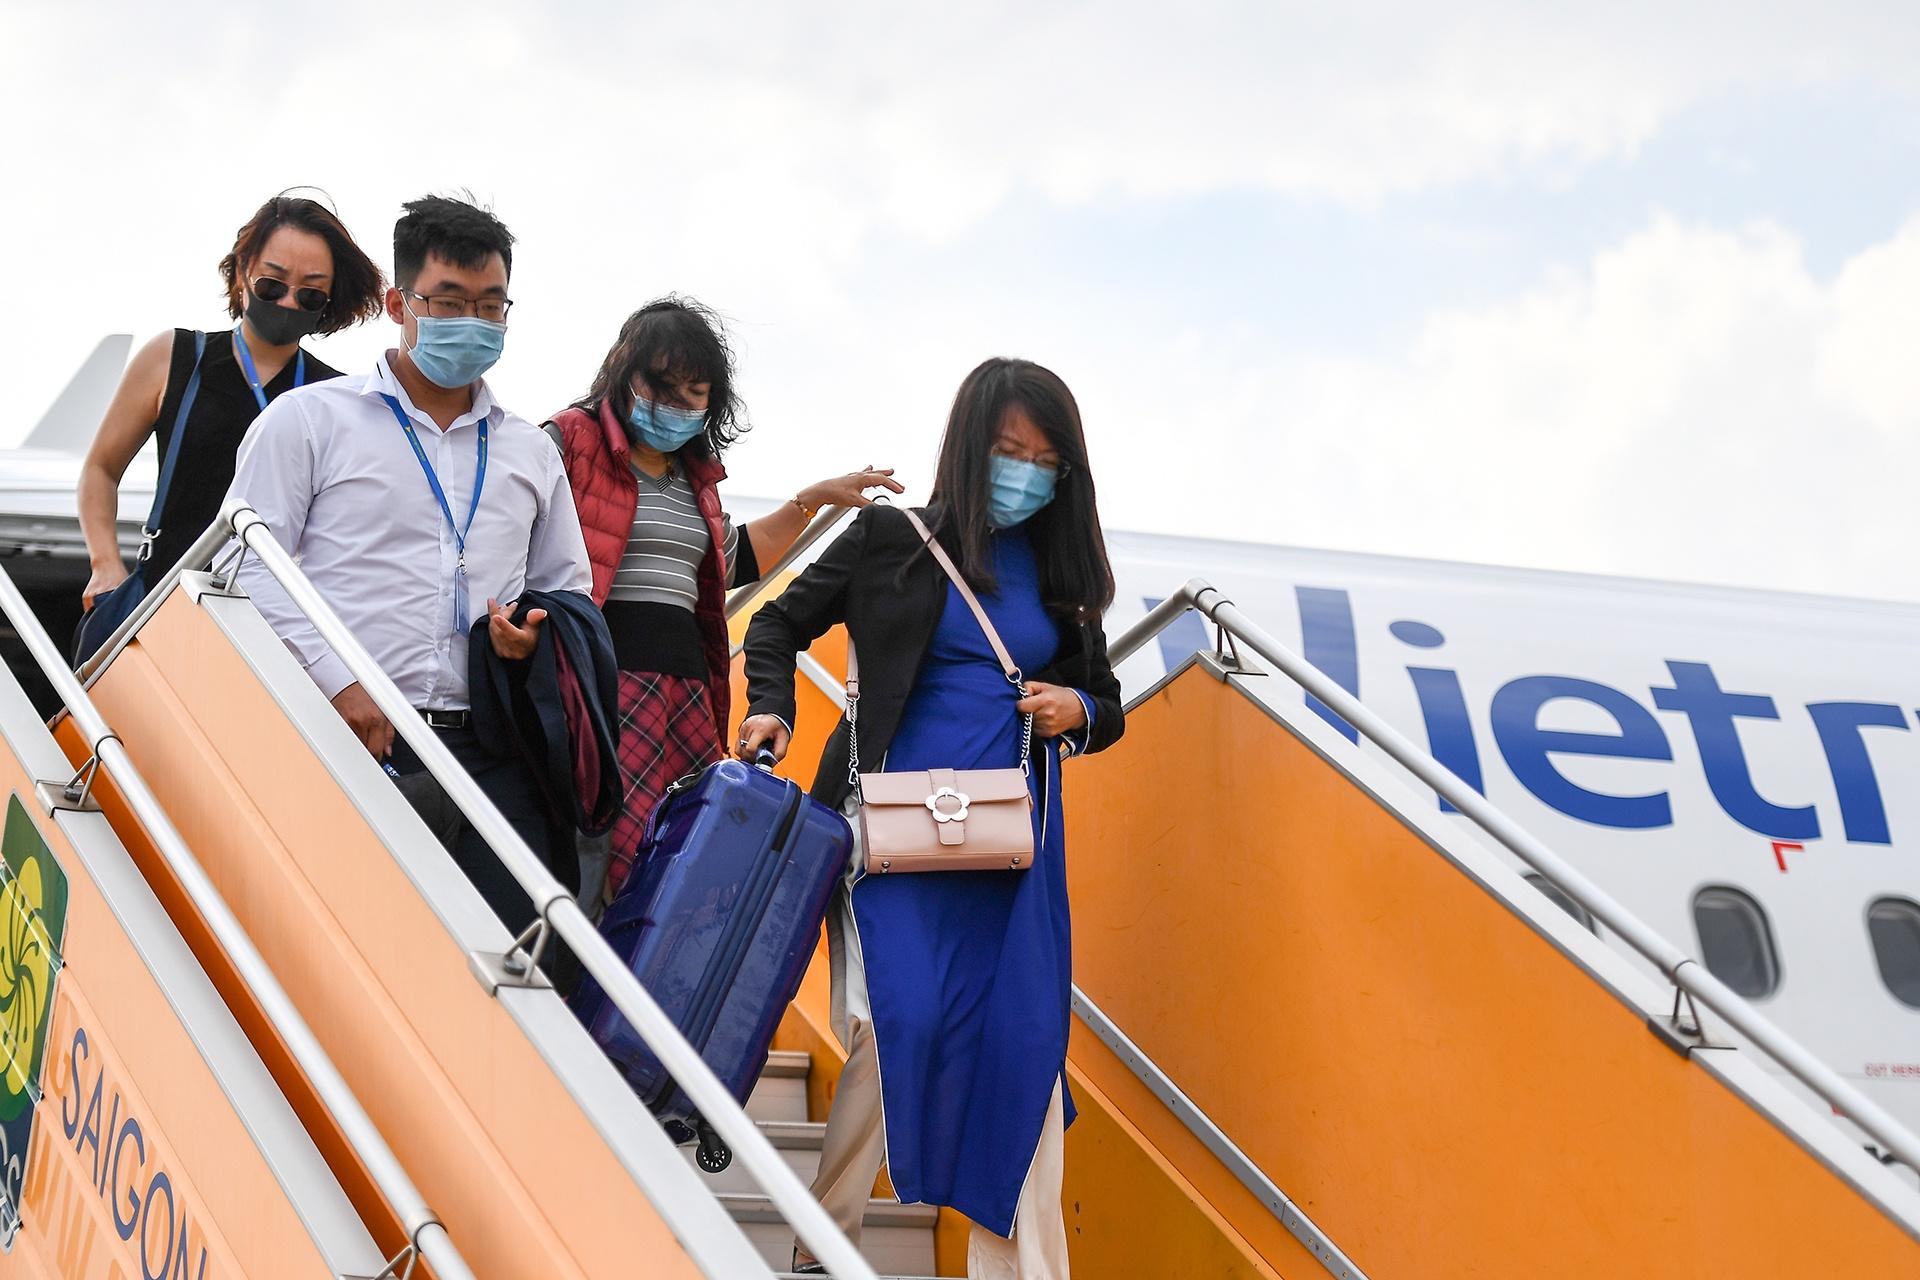 phu quoc tam ngung cac chuyen bay anh 1  - DSC_4856_zing - Tới lượt Phú Quốc muốn ngừng tiếp nhận chuyến bay